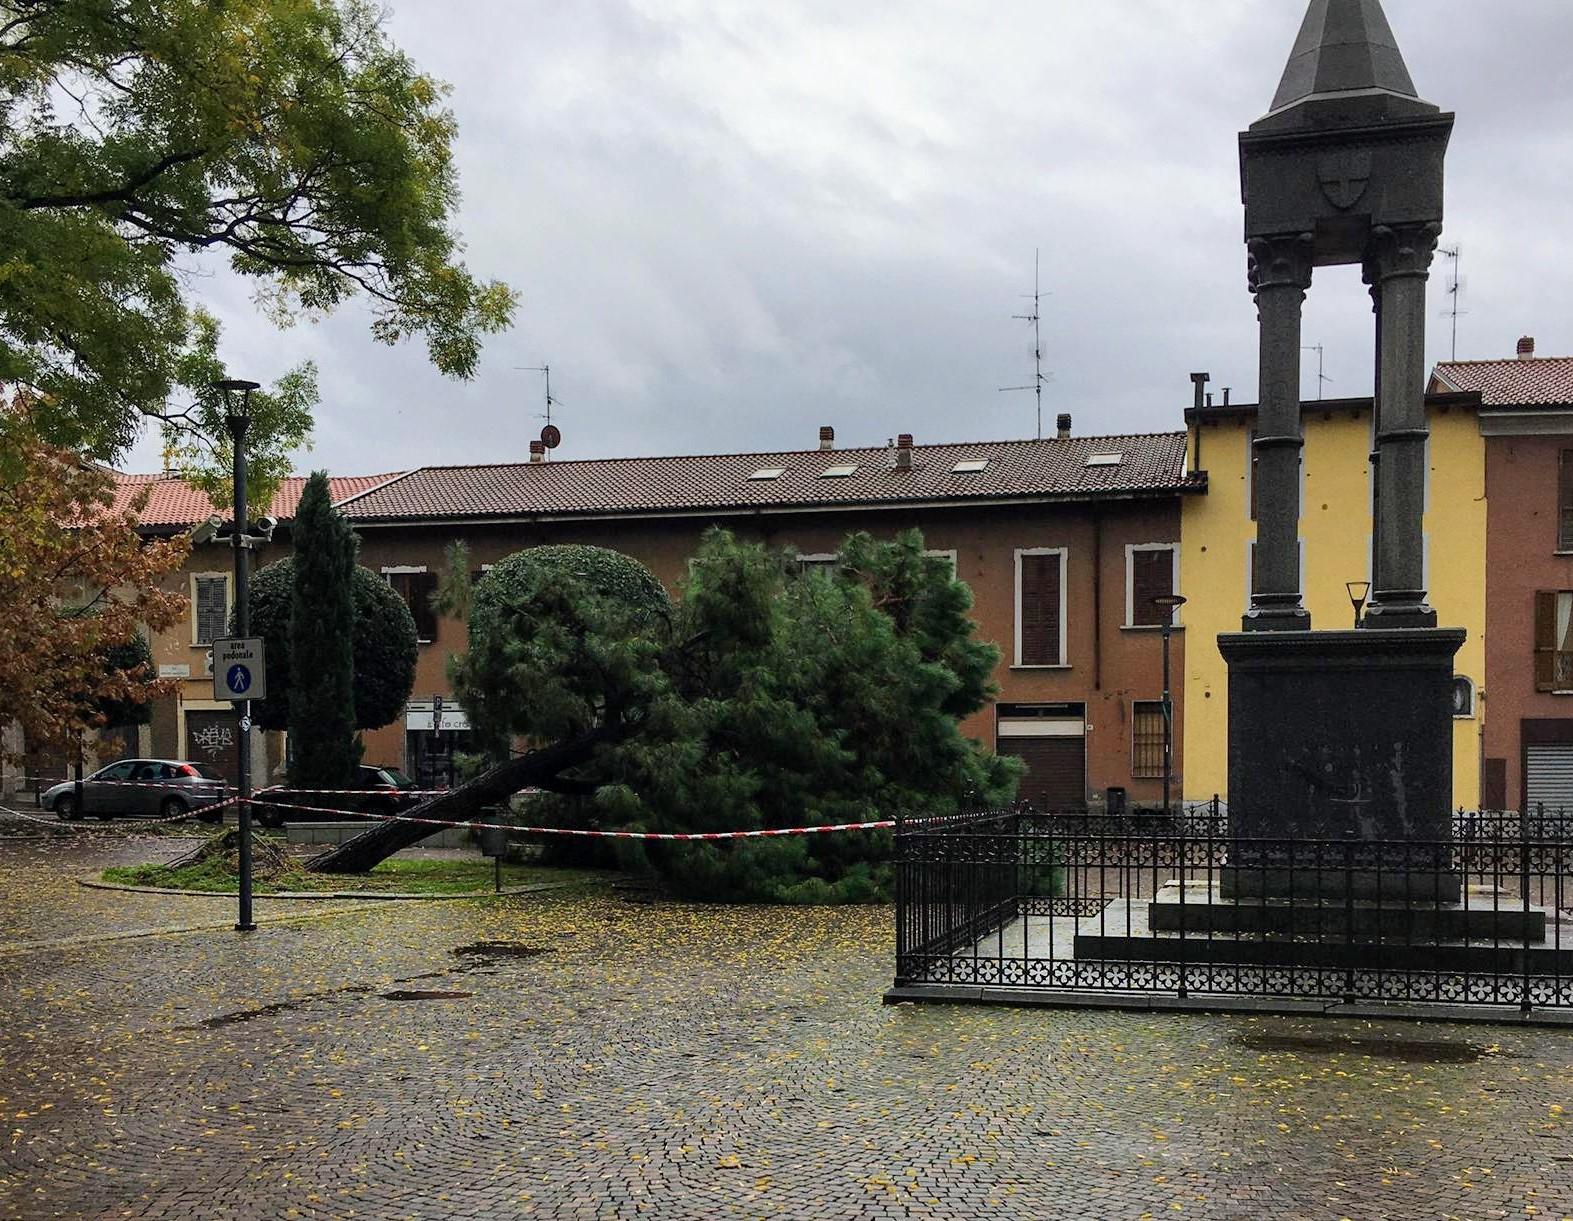 Maltempo cade un albero in piazza a Varedo - Giornale di Monza